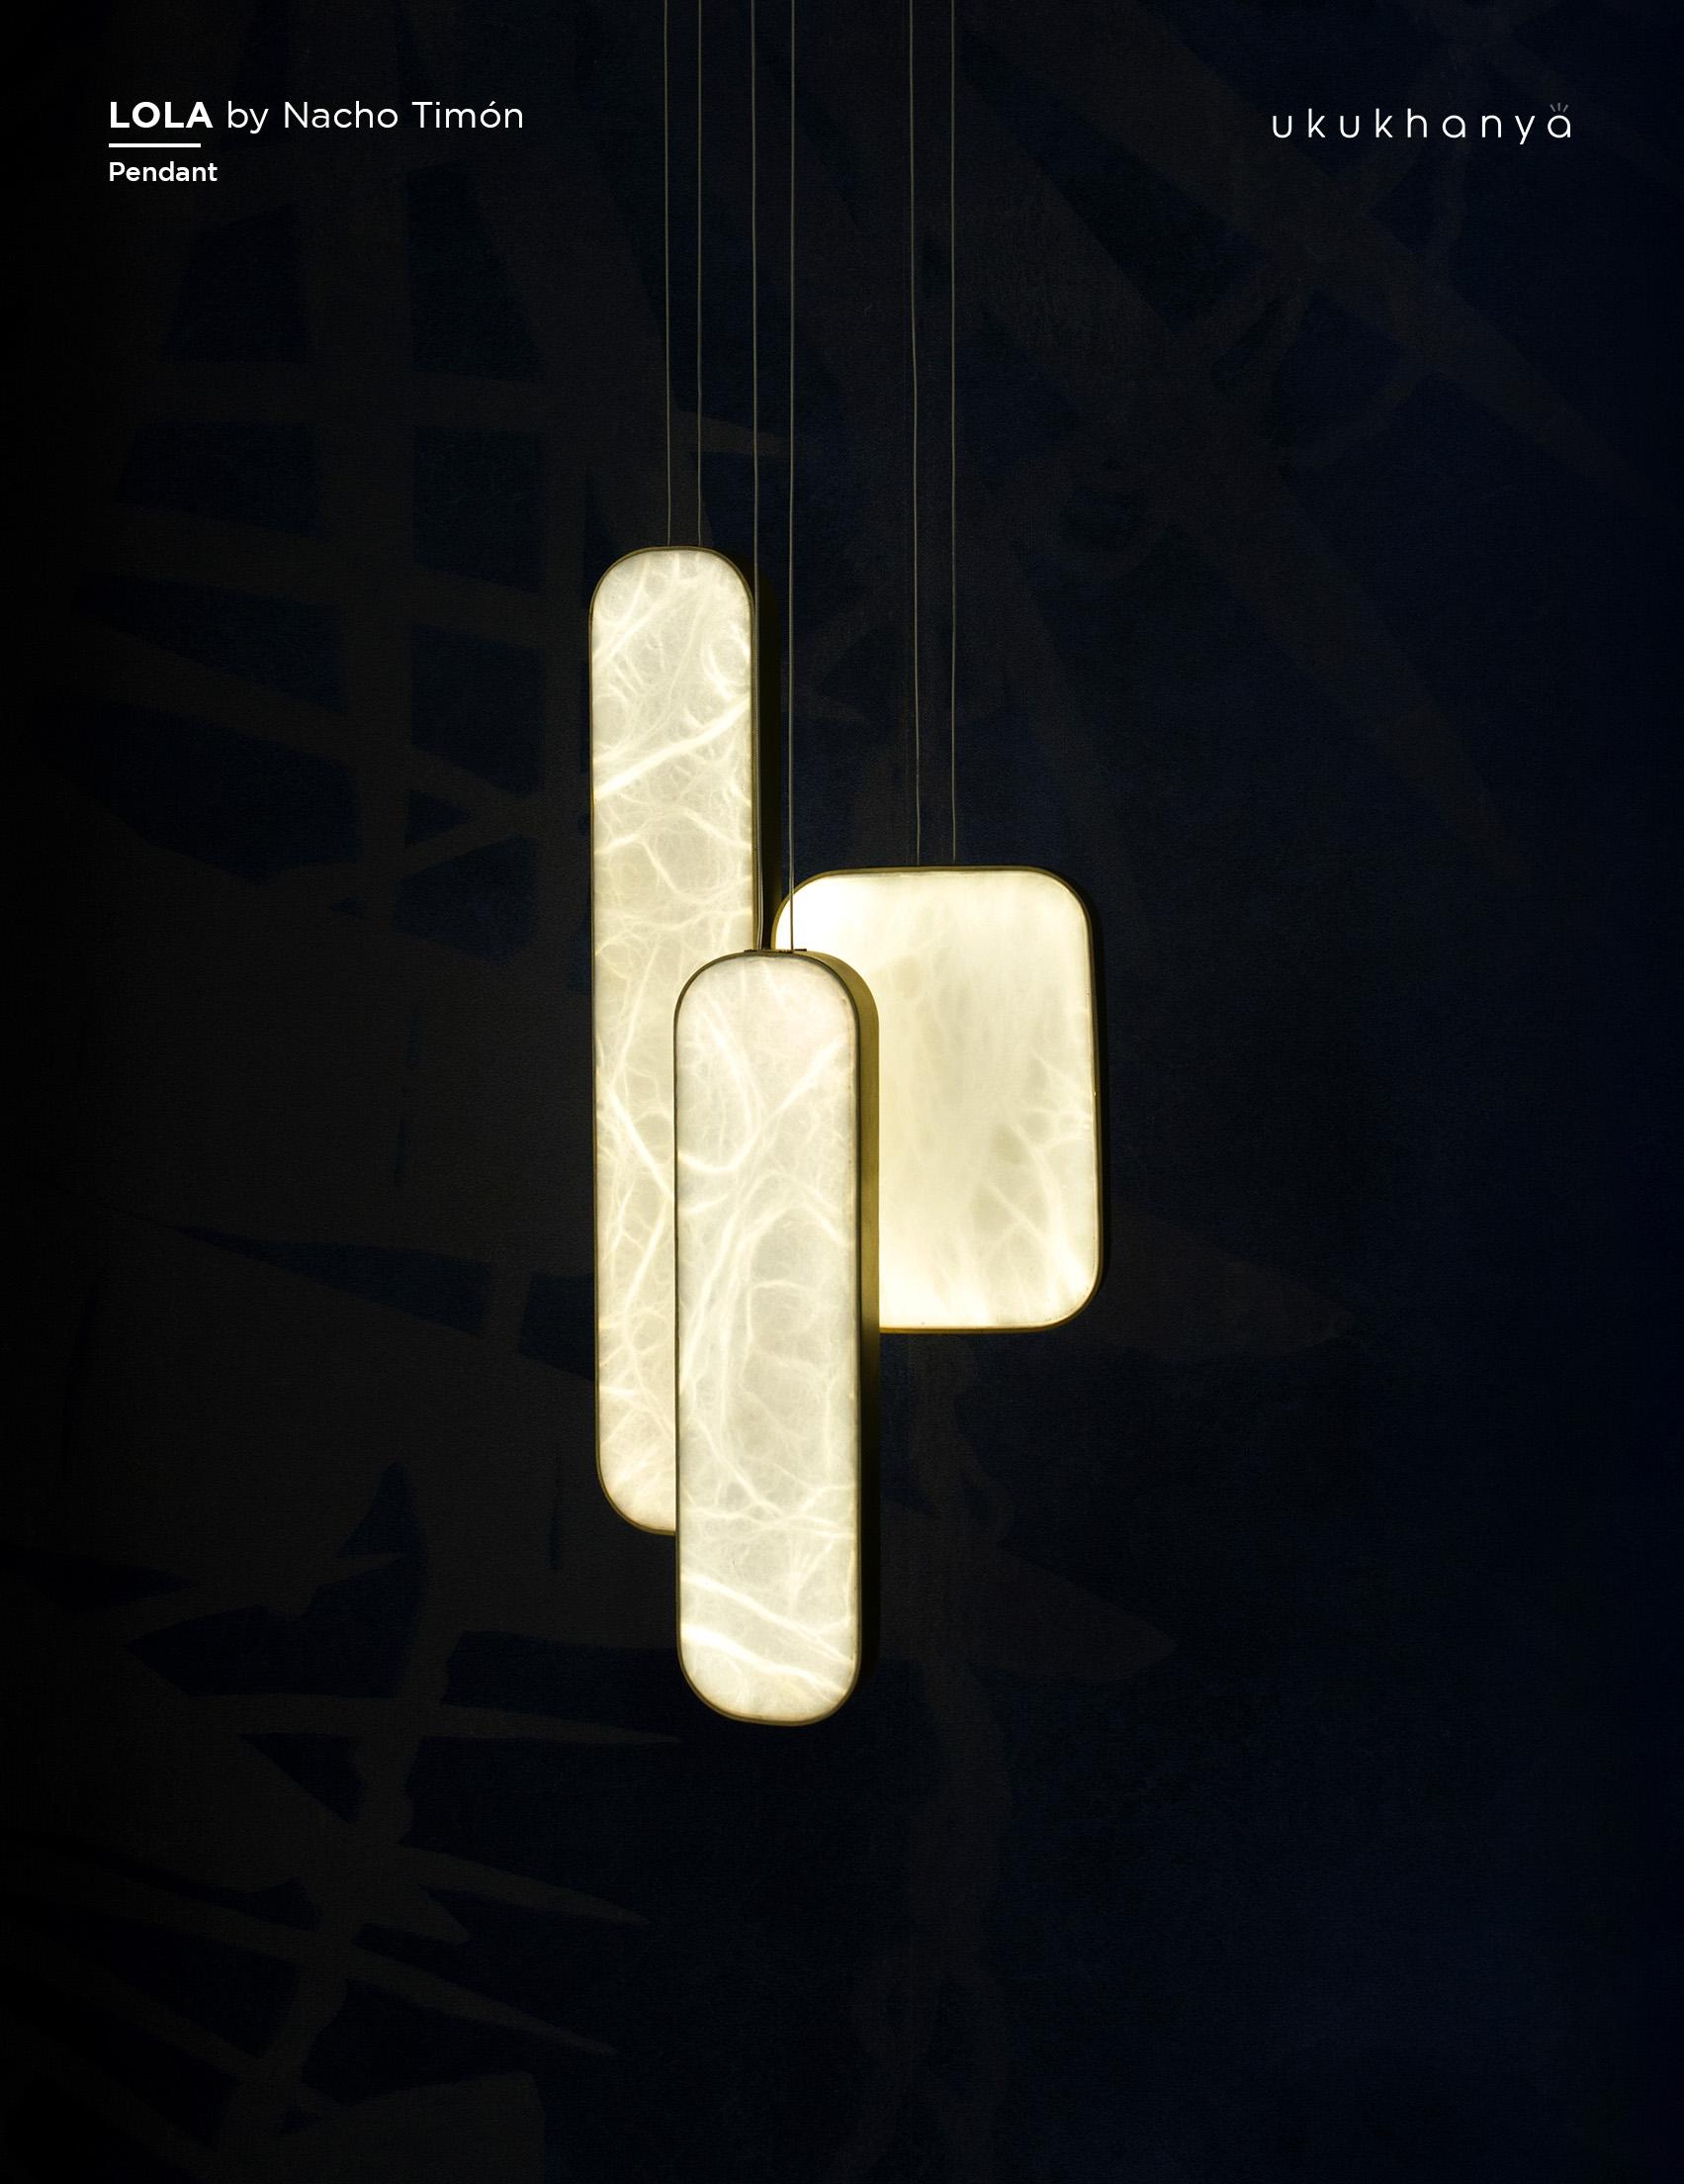 UKUKHANYA, iluminación